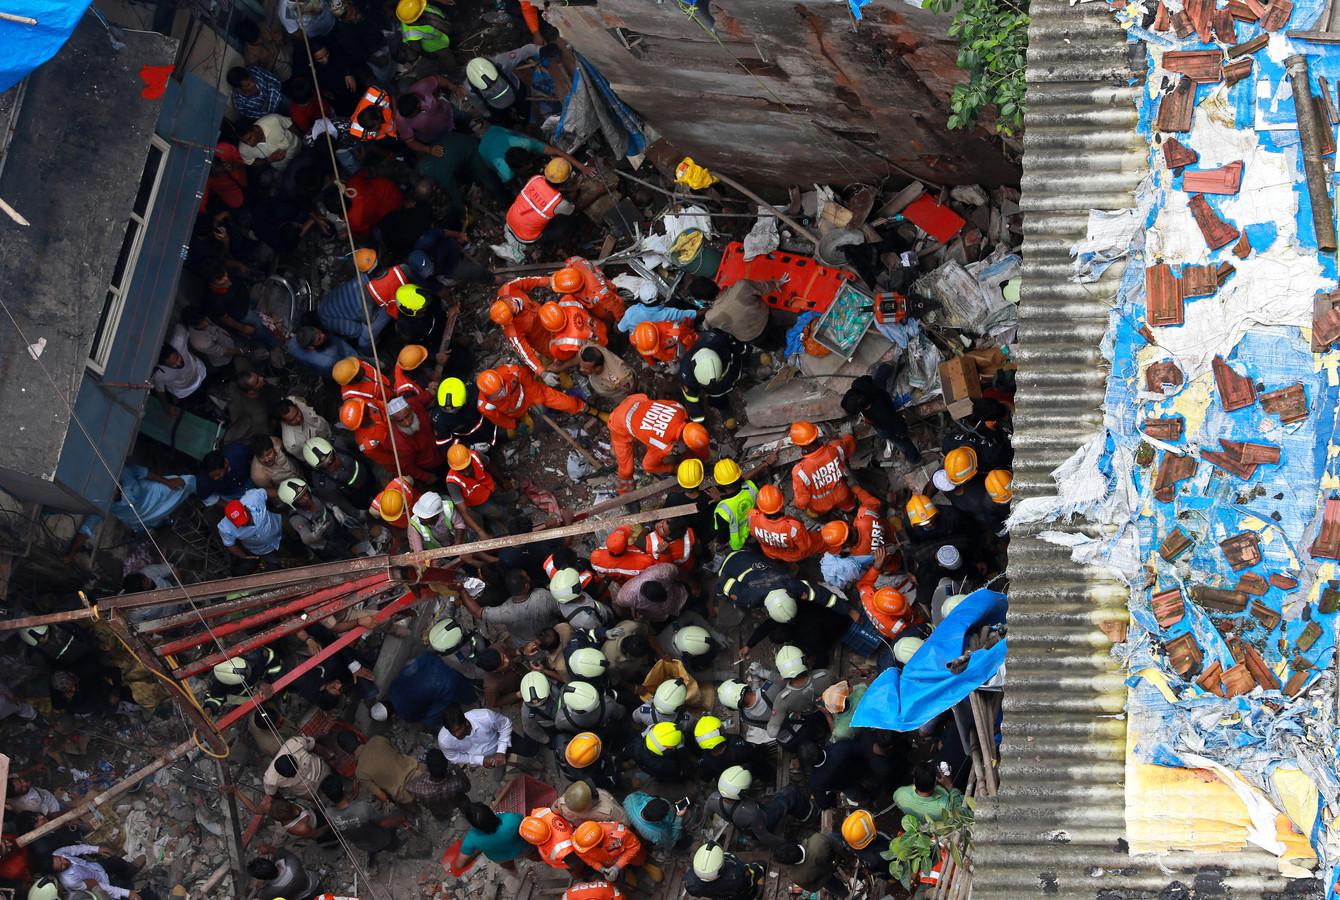 Zeker twee personen kwamen om het leven, toen het gebouw instortte.